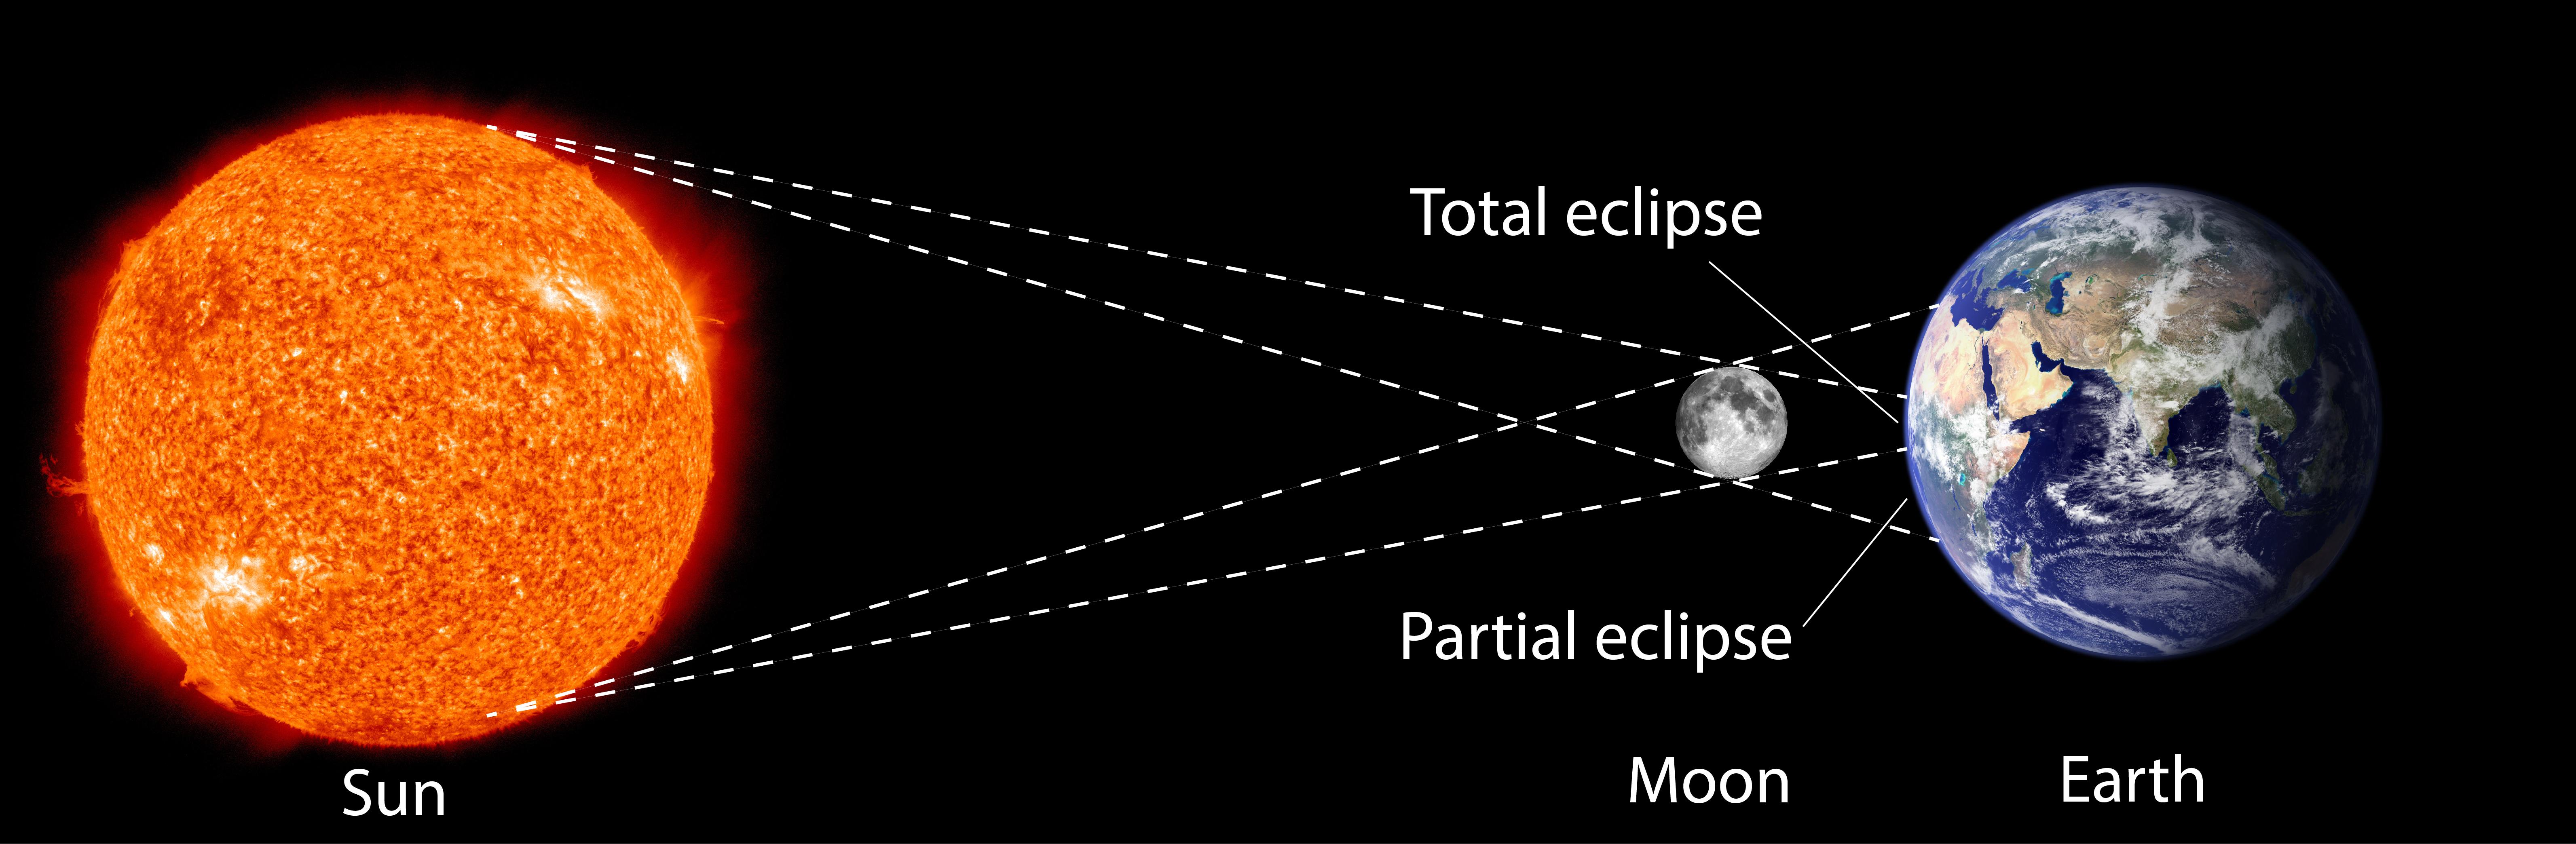 Solar eclipse diagram nustem solar eclipse diagram pooptronica